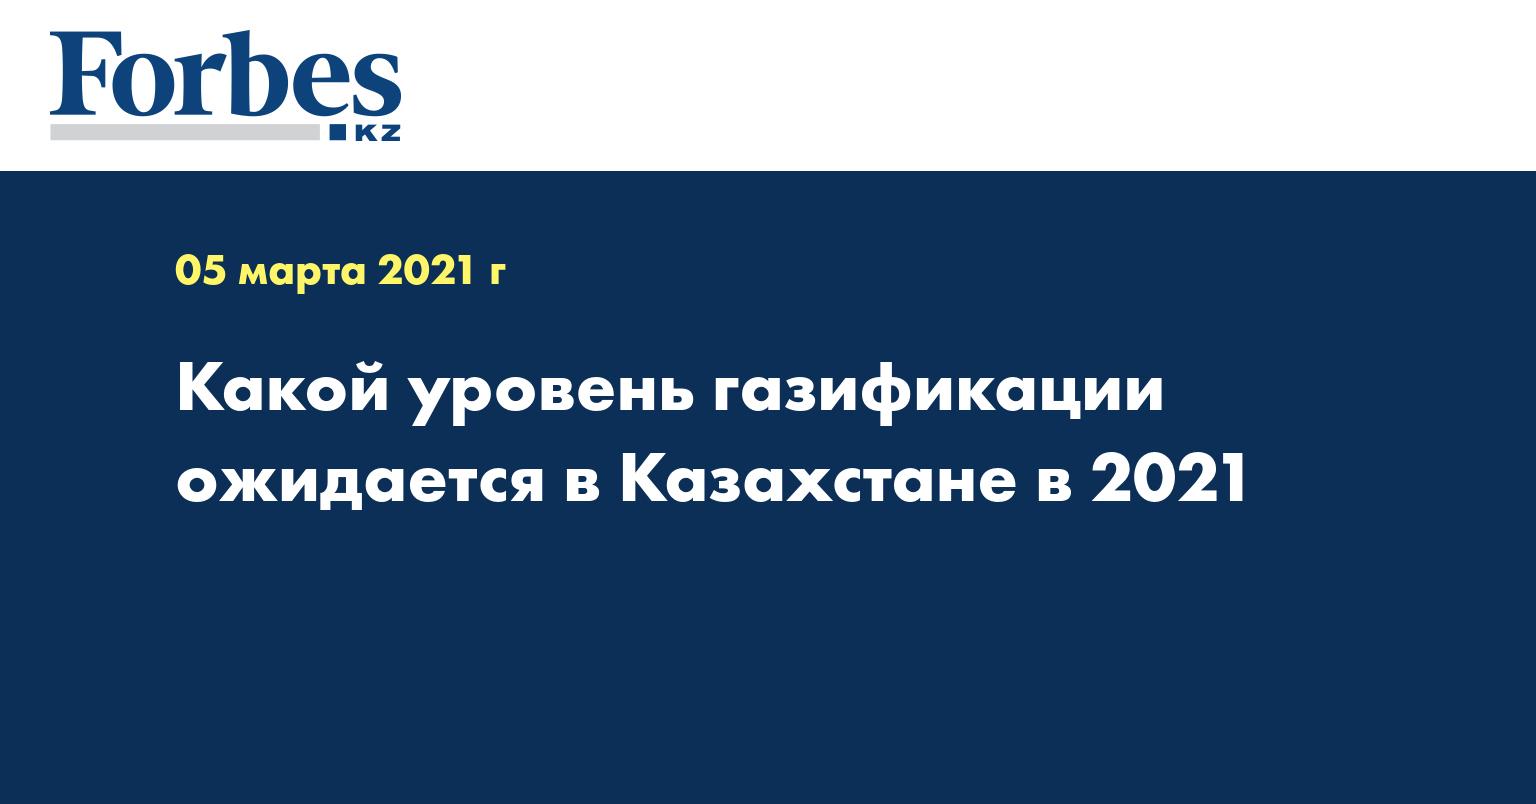 Какой уровень газификации ожидается в Казахстане в 2021